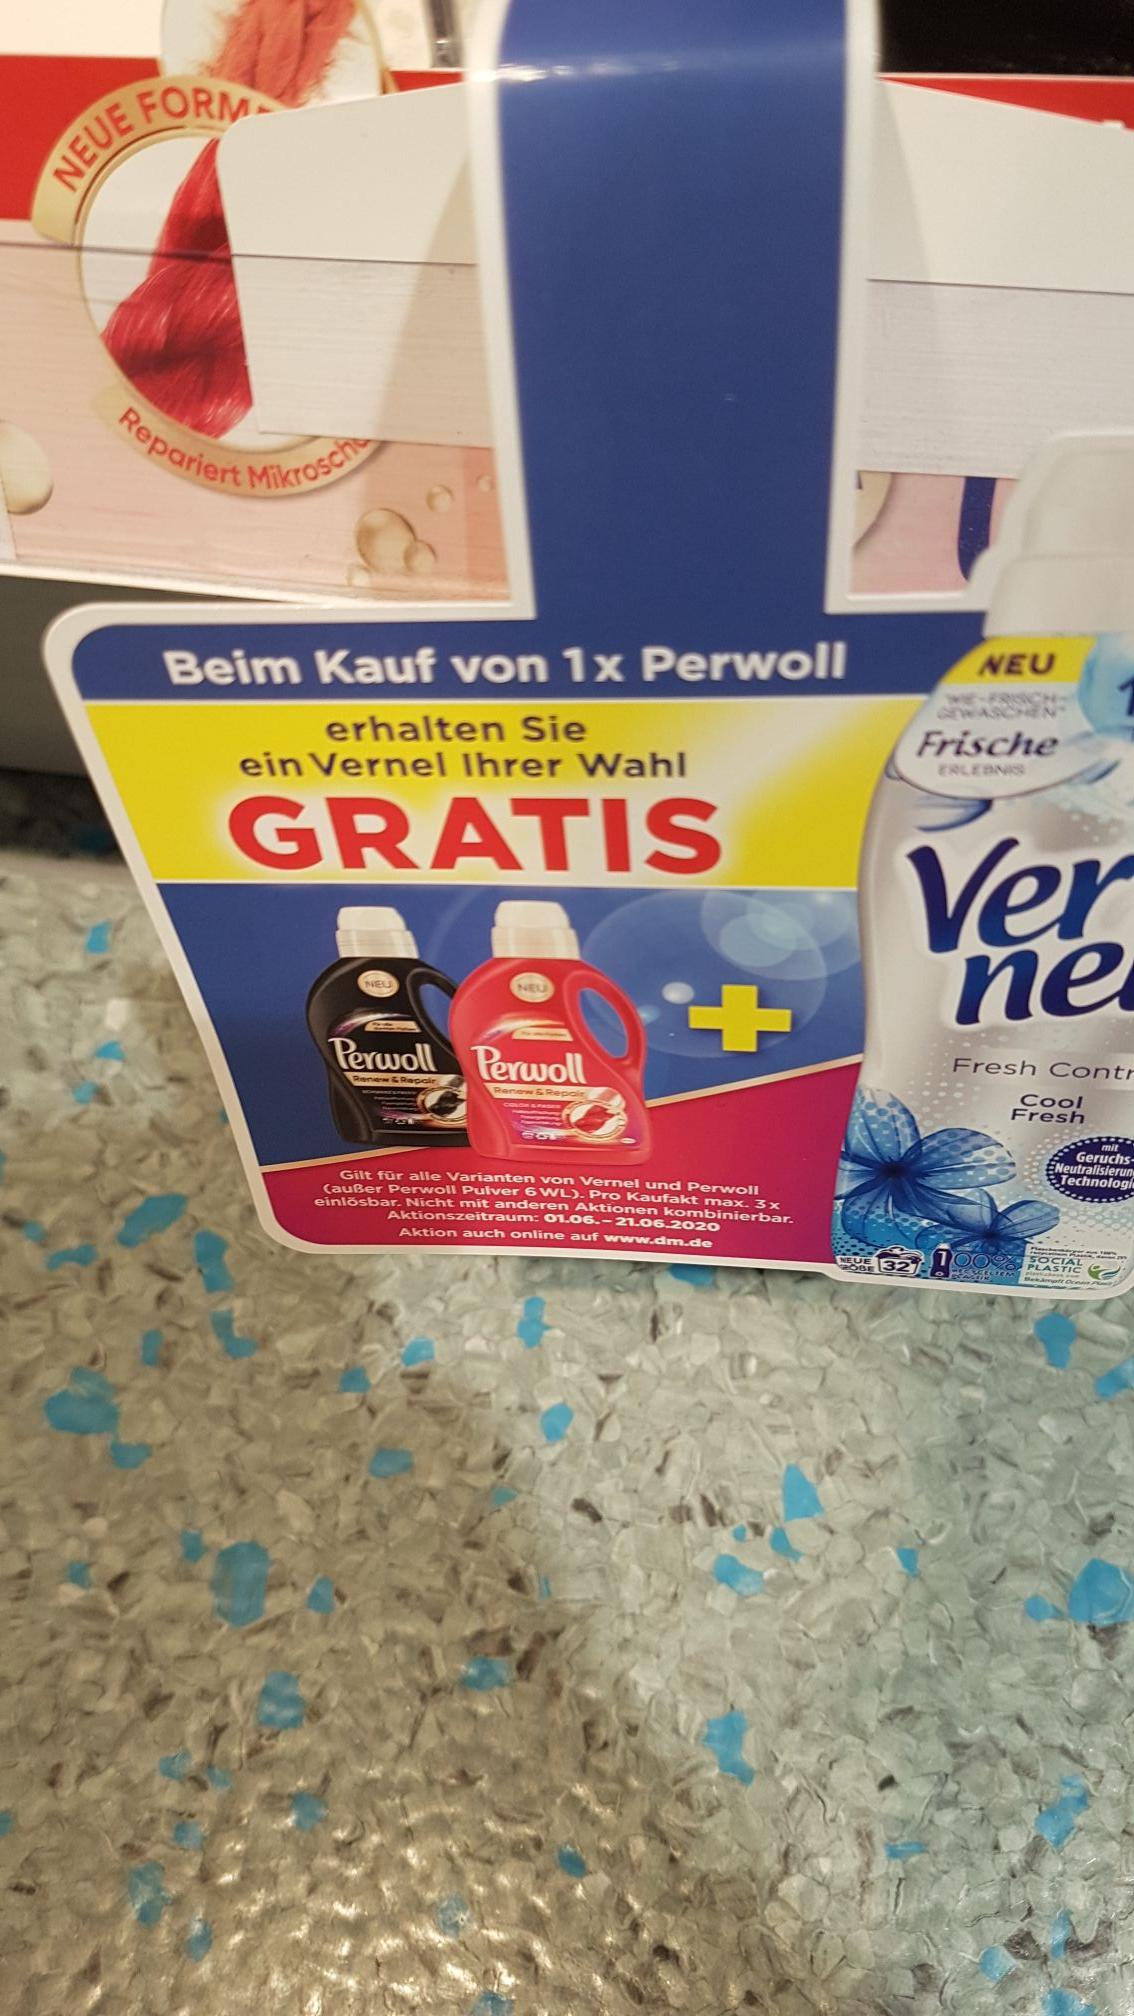 [dm] Vernel gratis bei Kauf von Perwoll, max. 3x pro Kaufakt